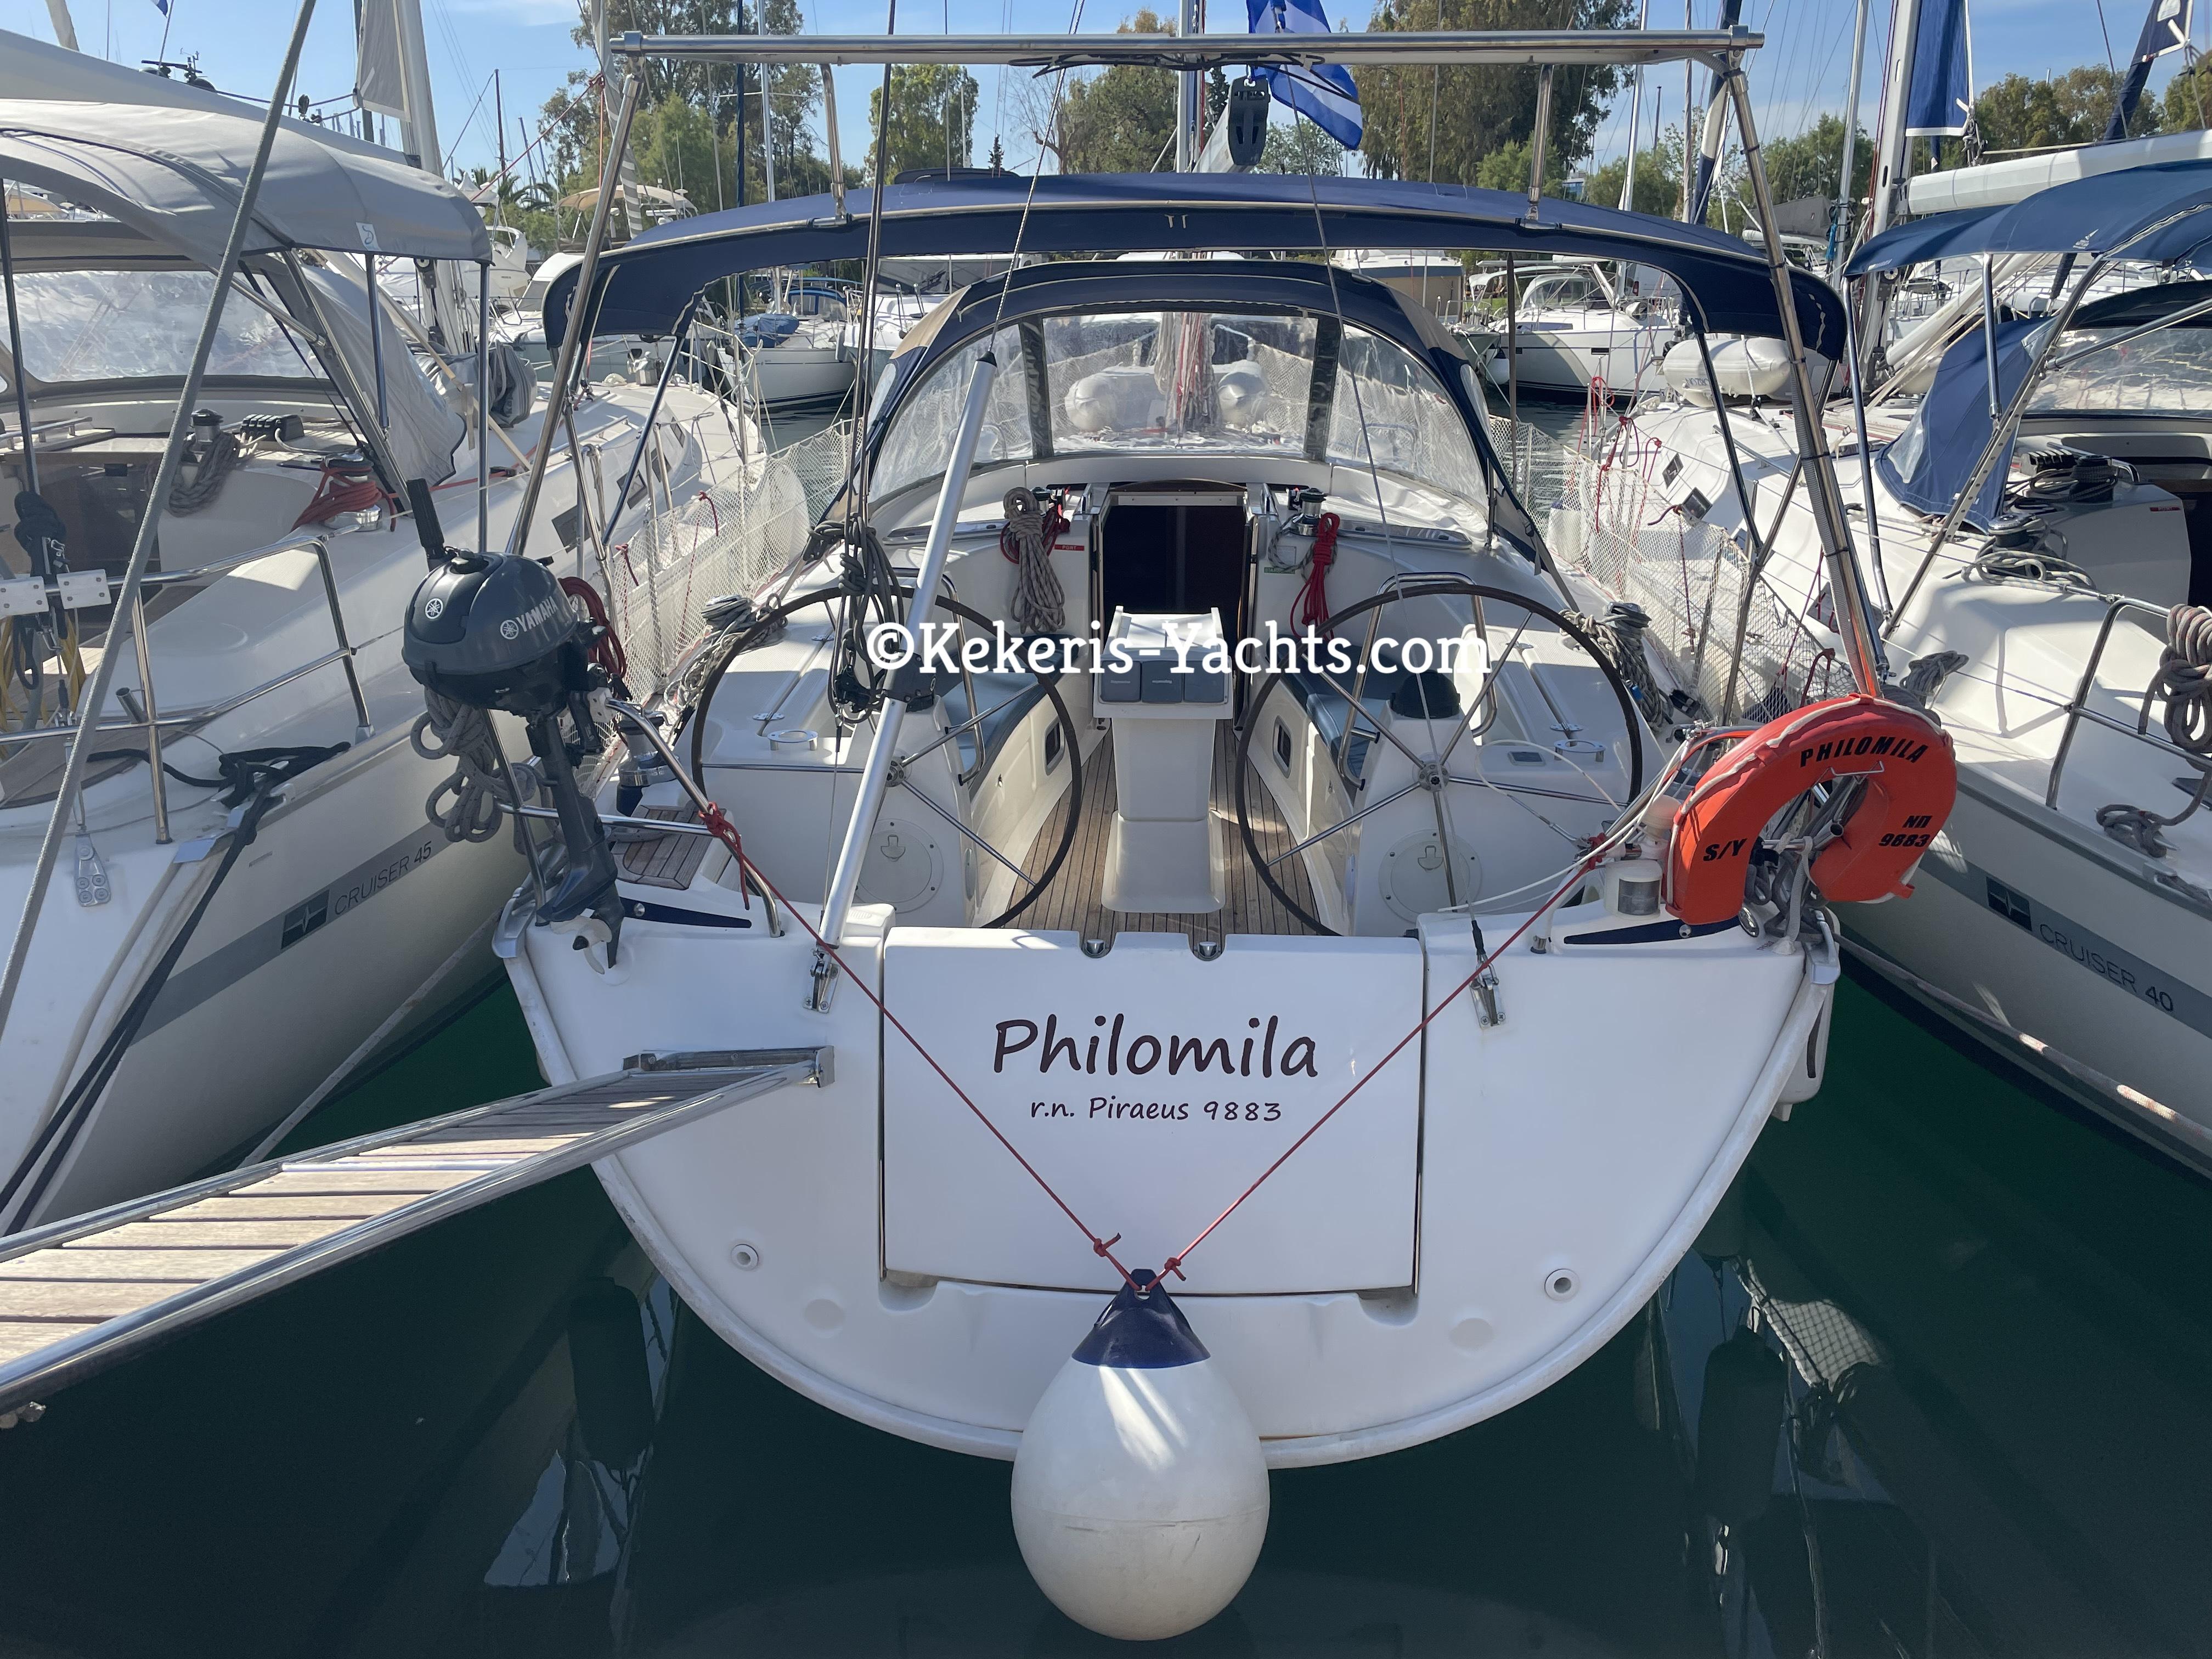 S/Y Philomila